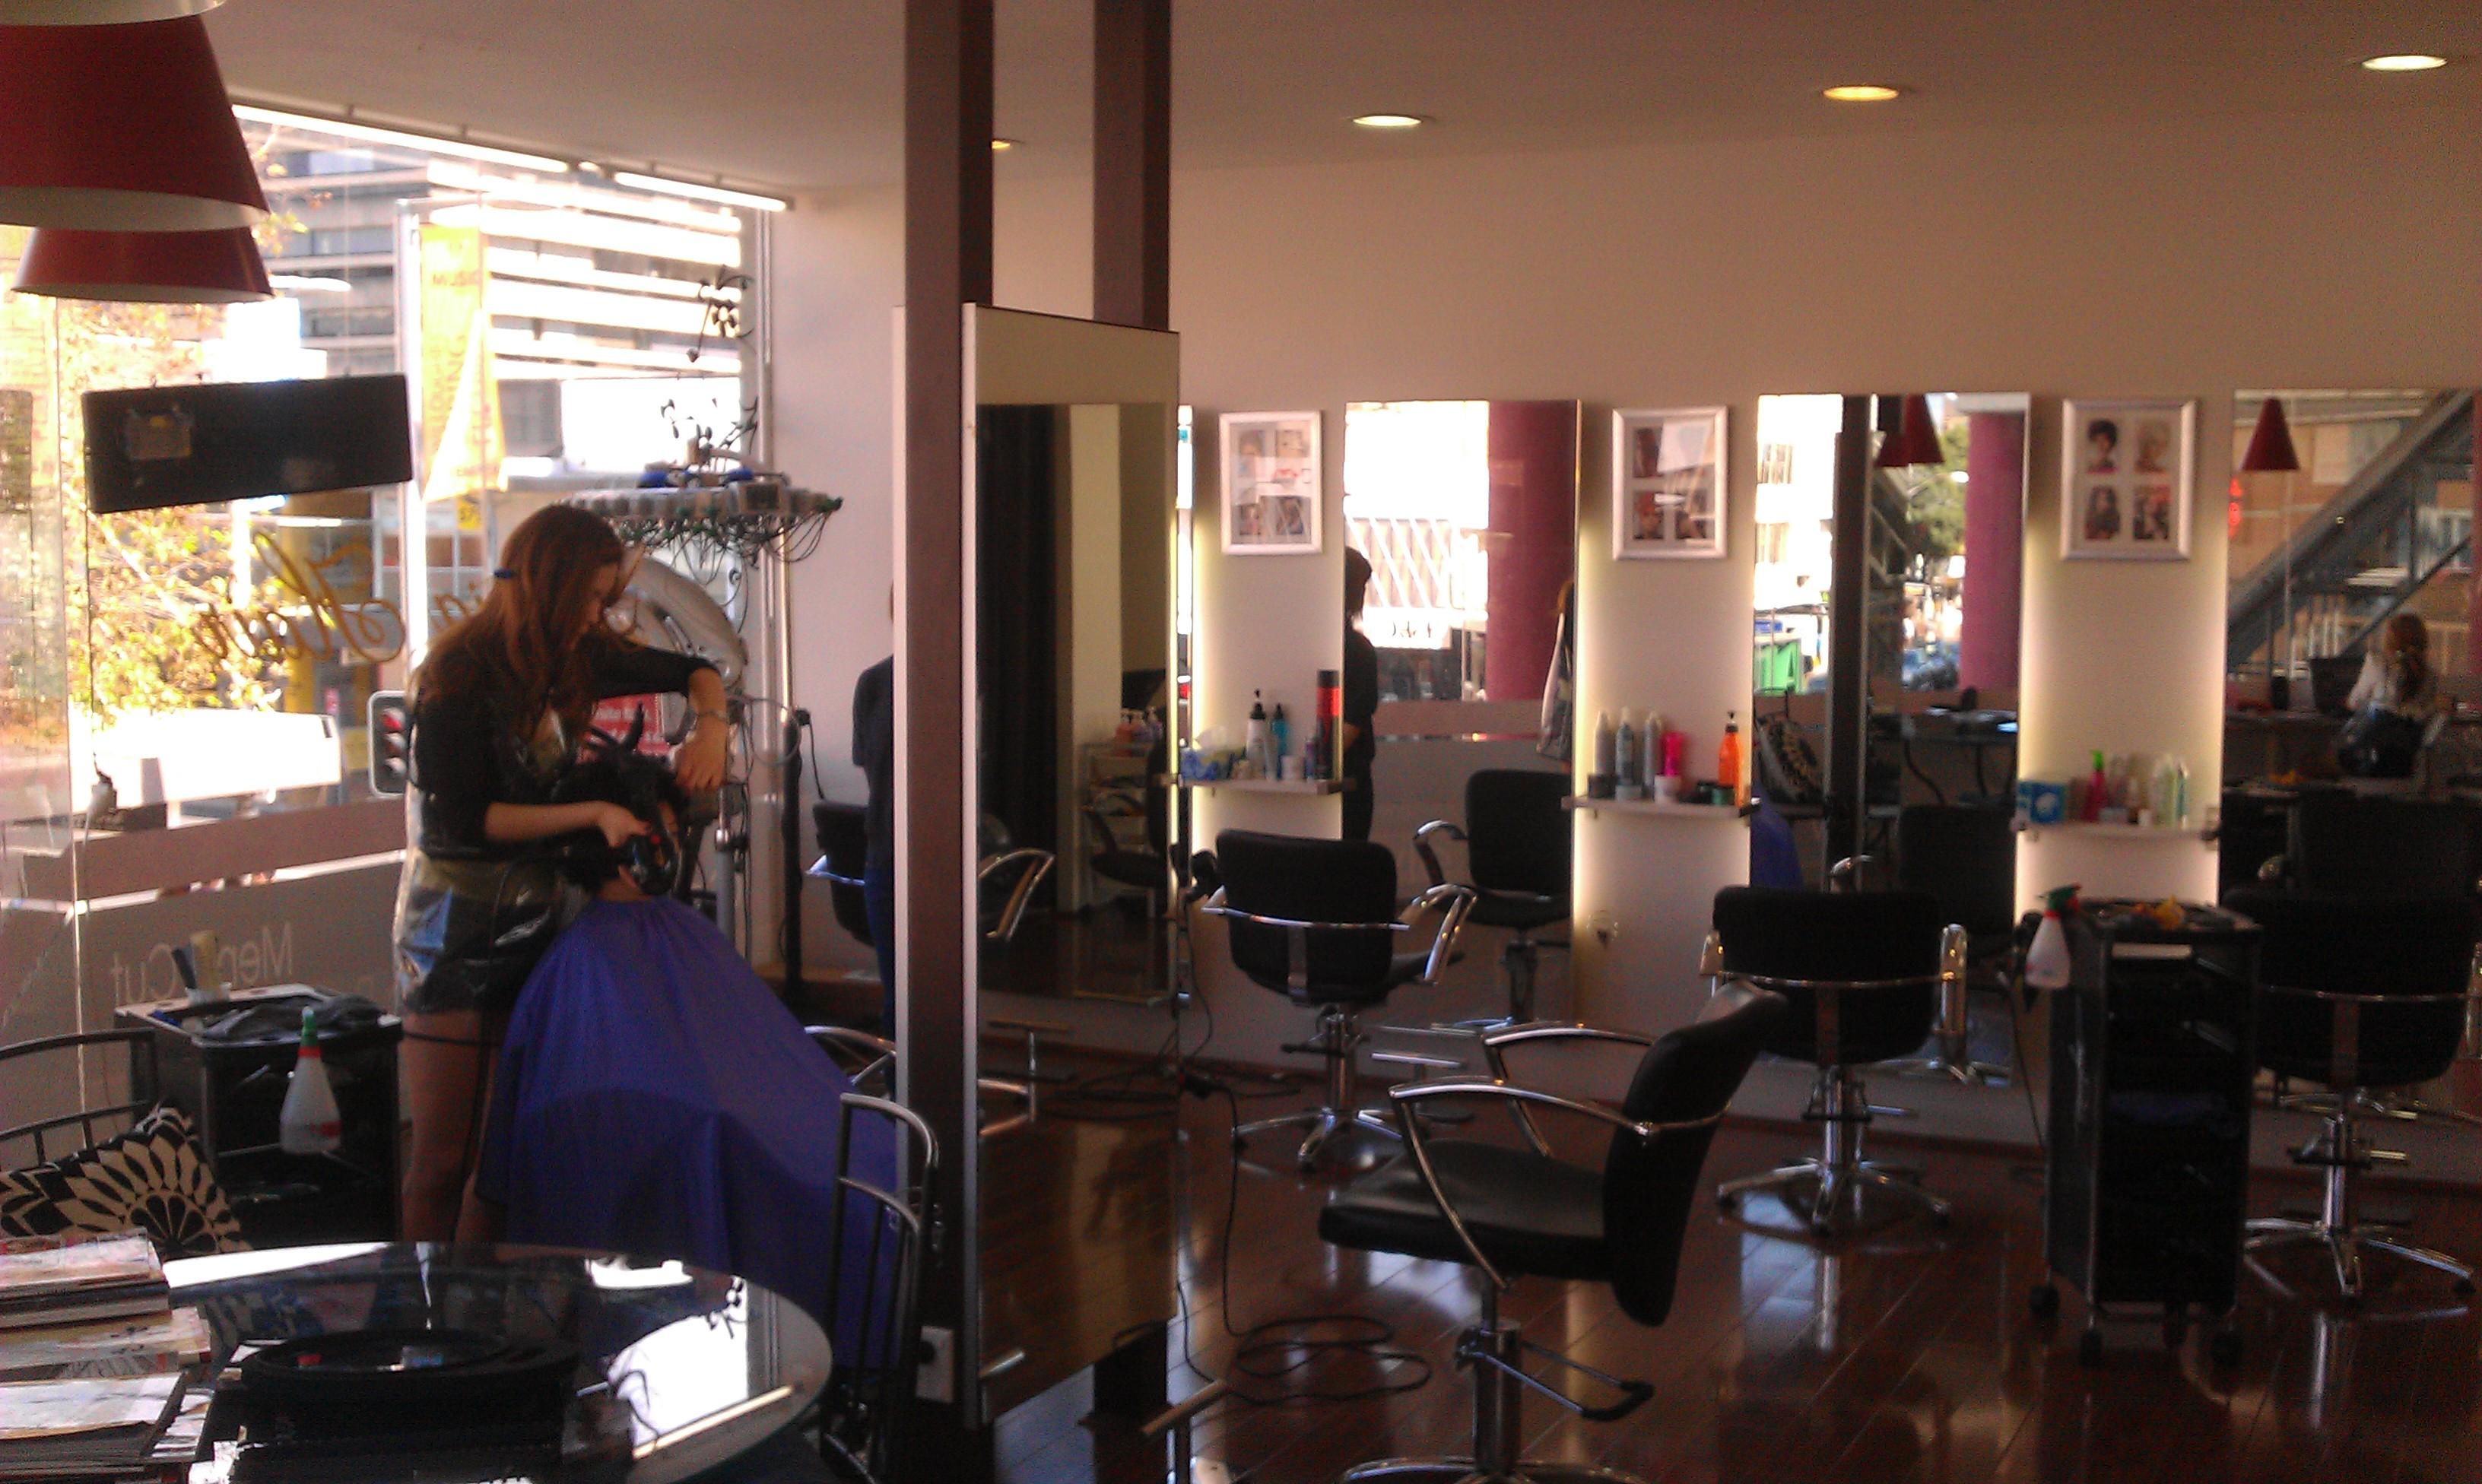 Cheap Hair Salons : hair salon sydney cheap Victoria Chatswood Hair Salon Hair ...